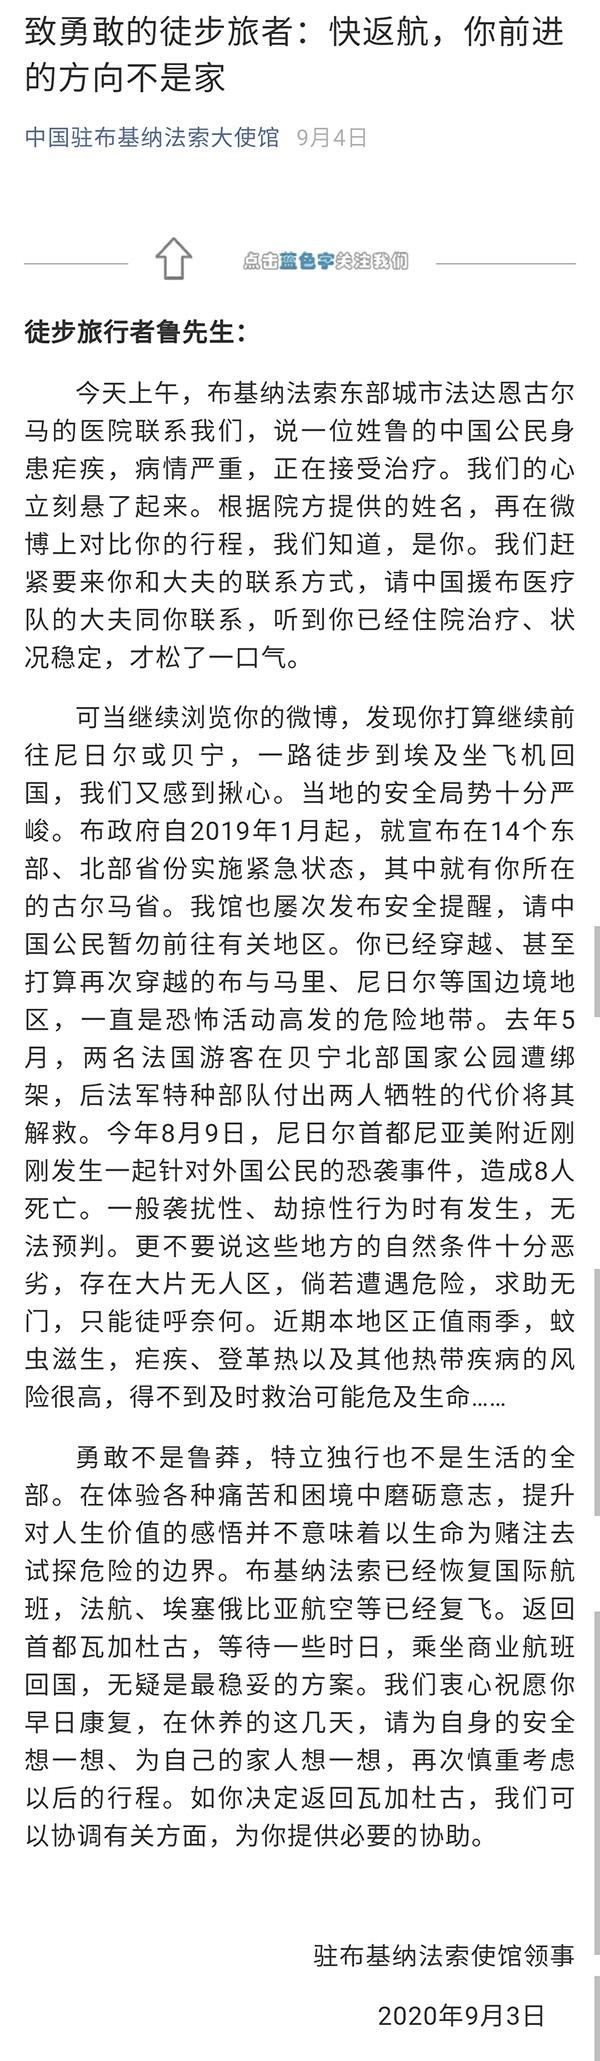 9月,中国驻布基缴法索小年夜使馆收的第两启果真疑